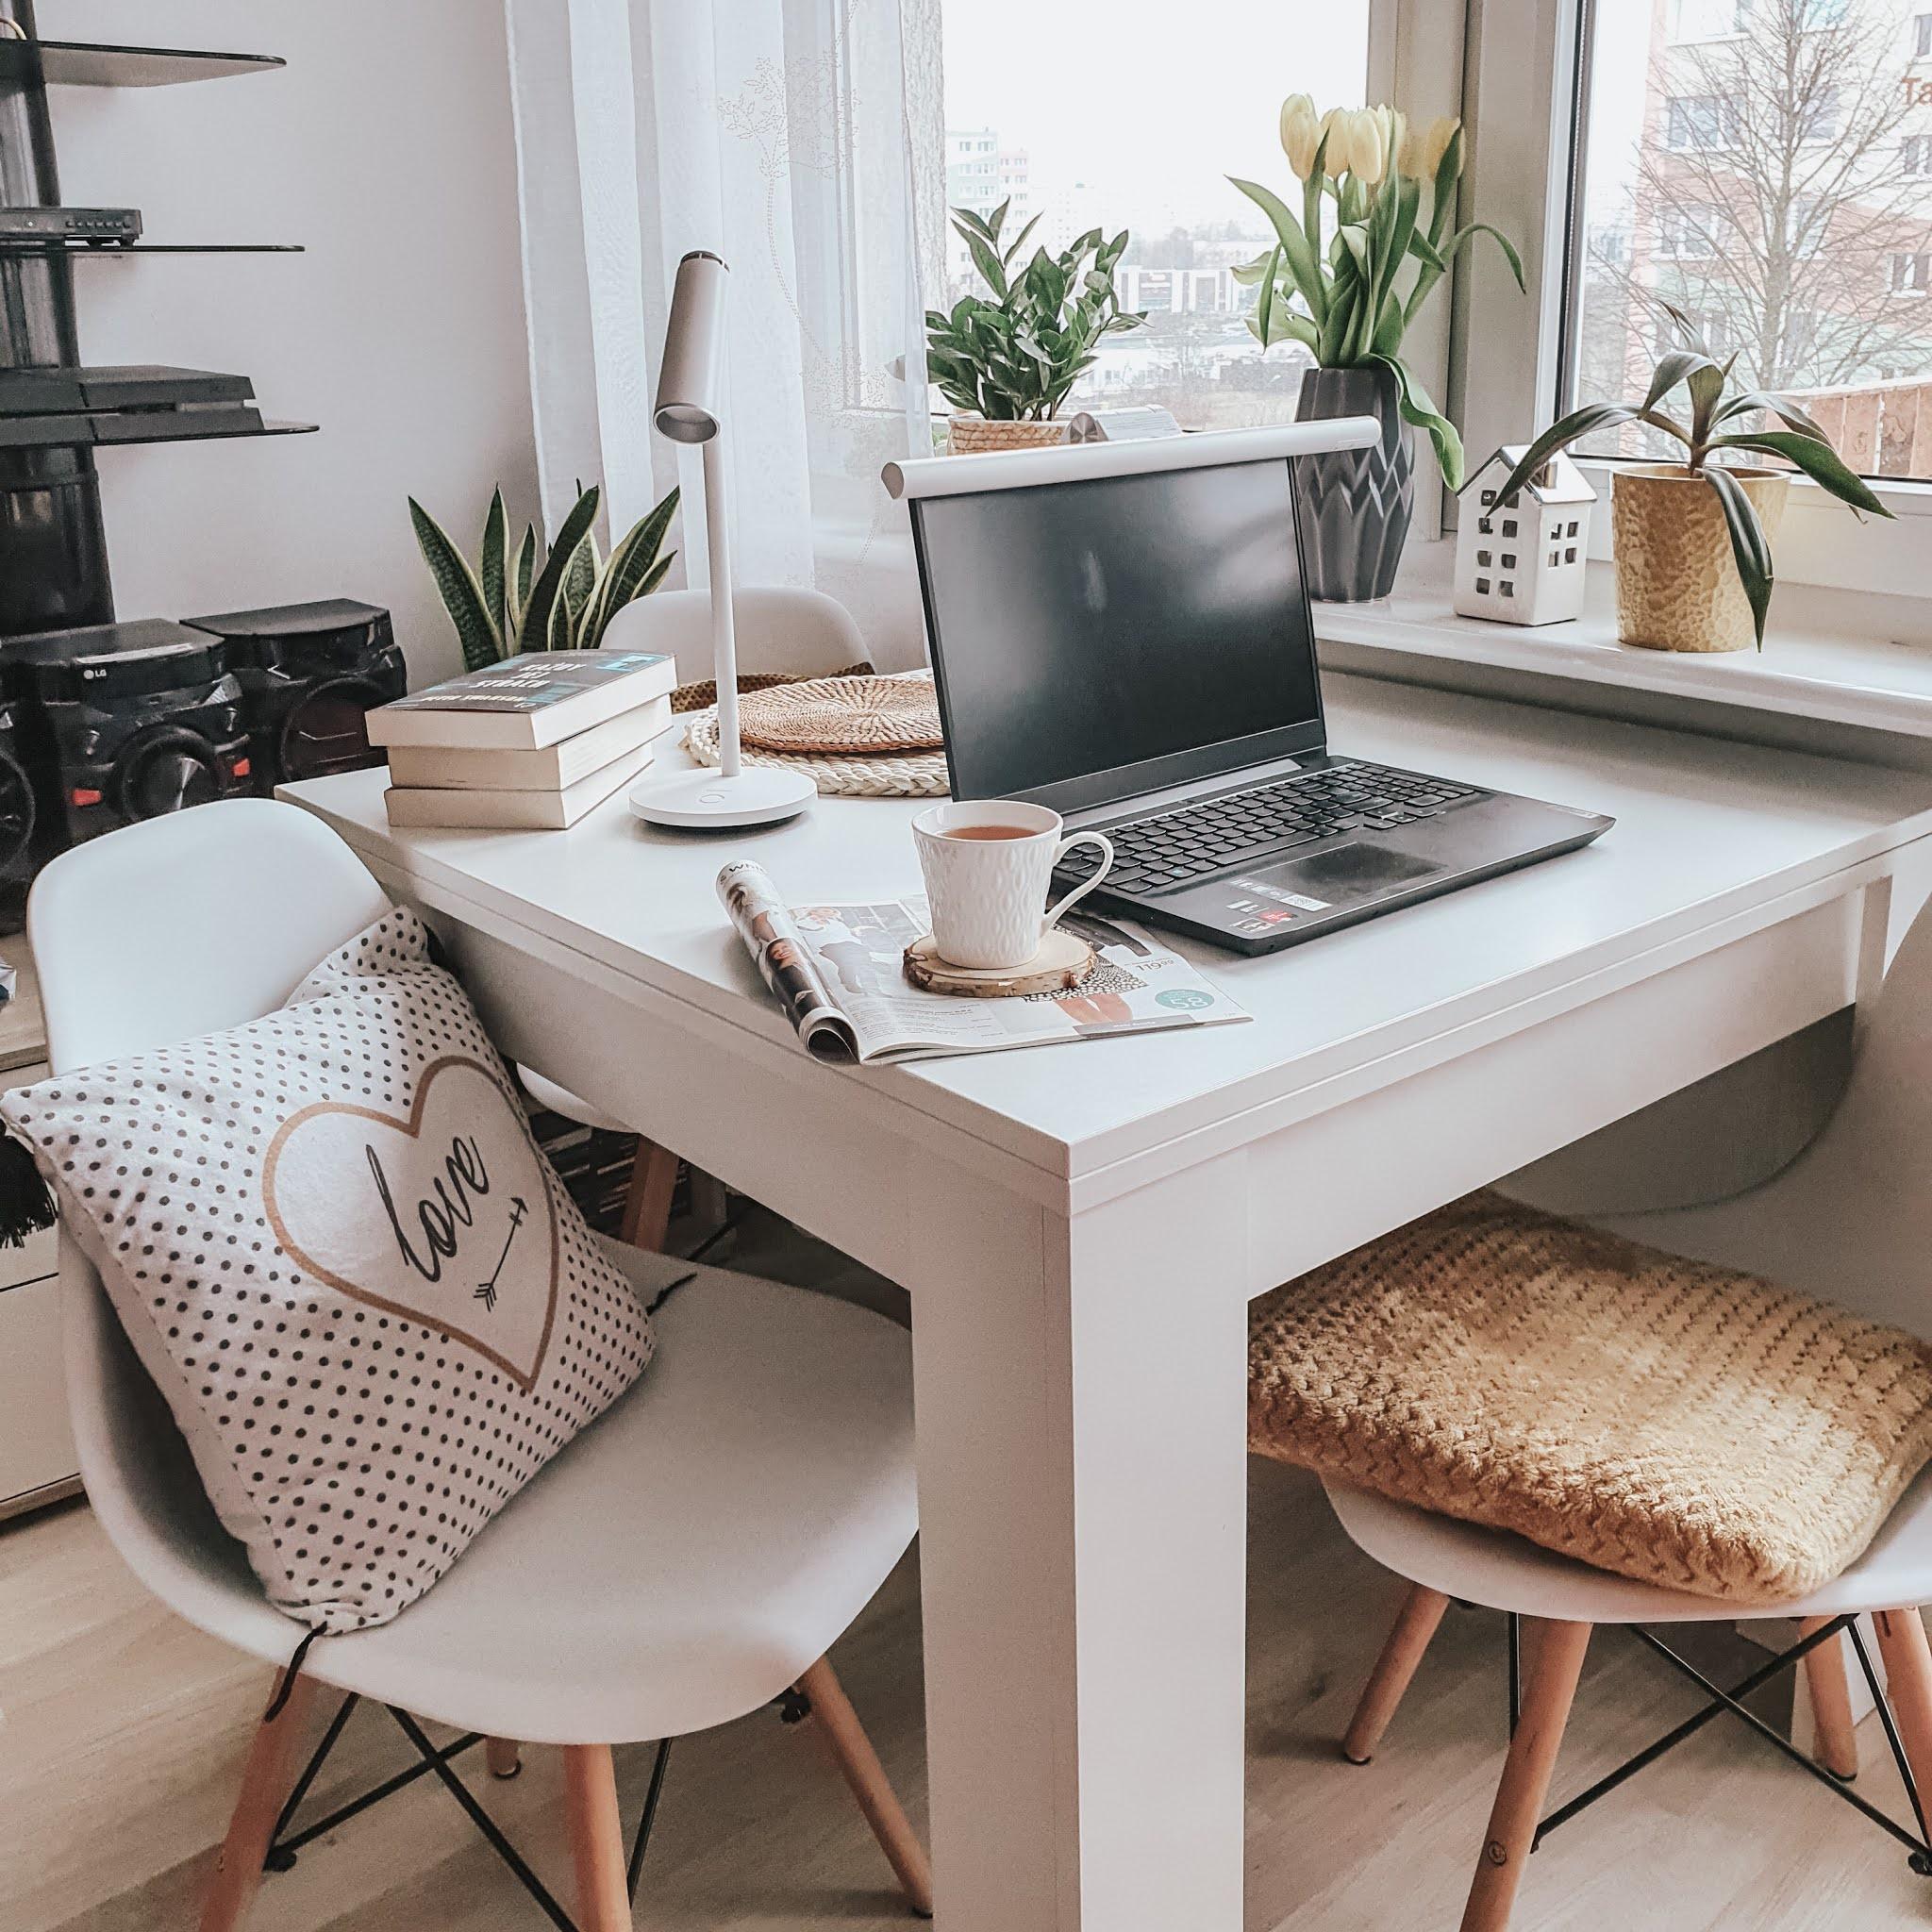 Lampka na biurko i lampka na monitor - Baseus, firma która dba o ochronę oczu i zachwyca designem swoich urządzeń.